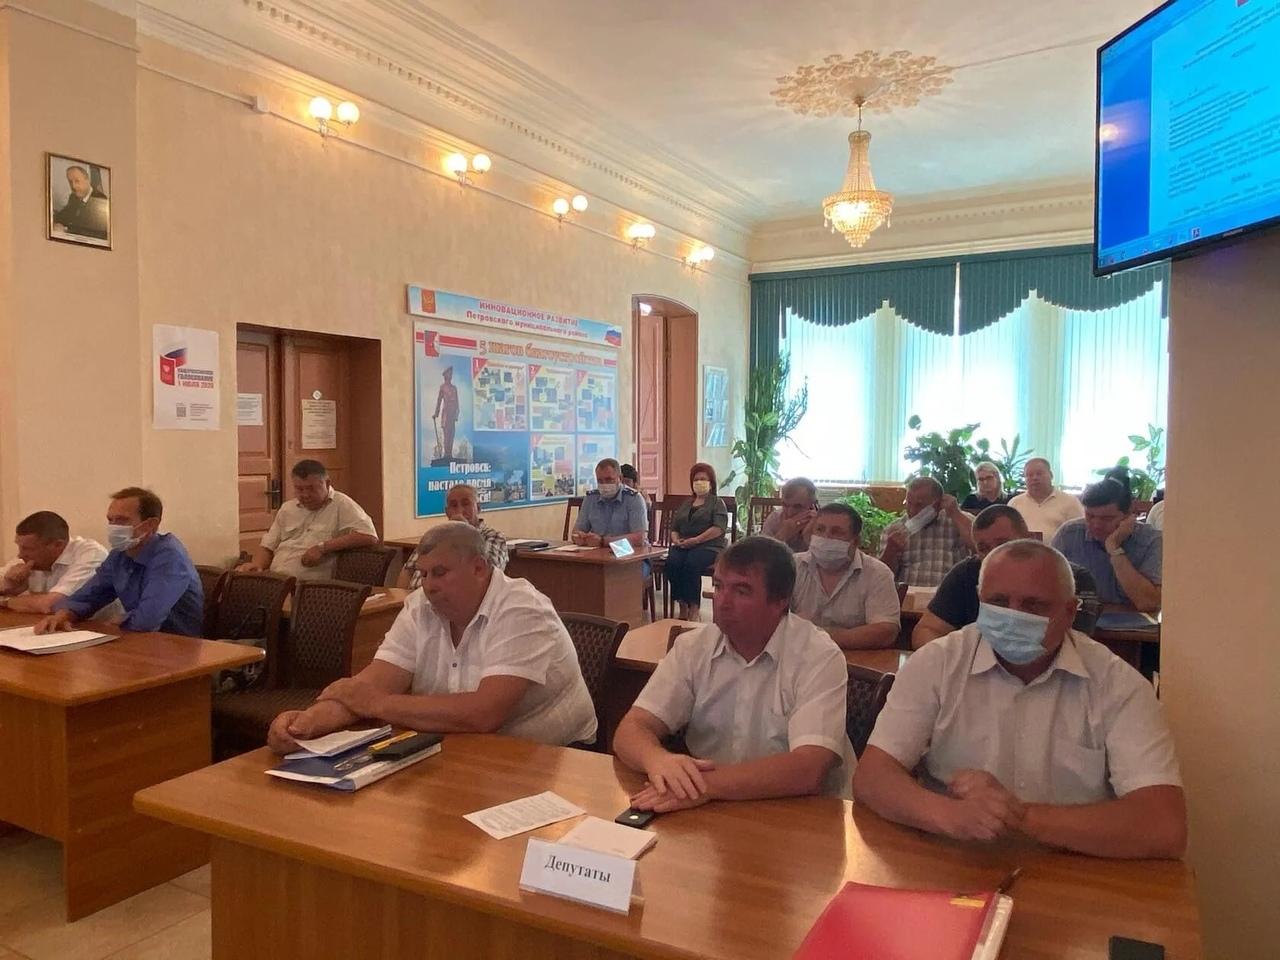 Сегодня состоялось очередное заседание депутатского корпуса городского Совета